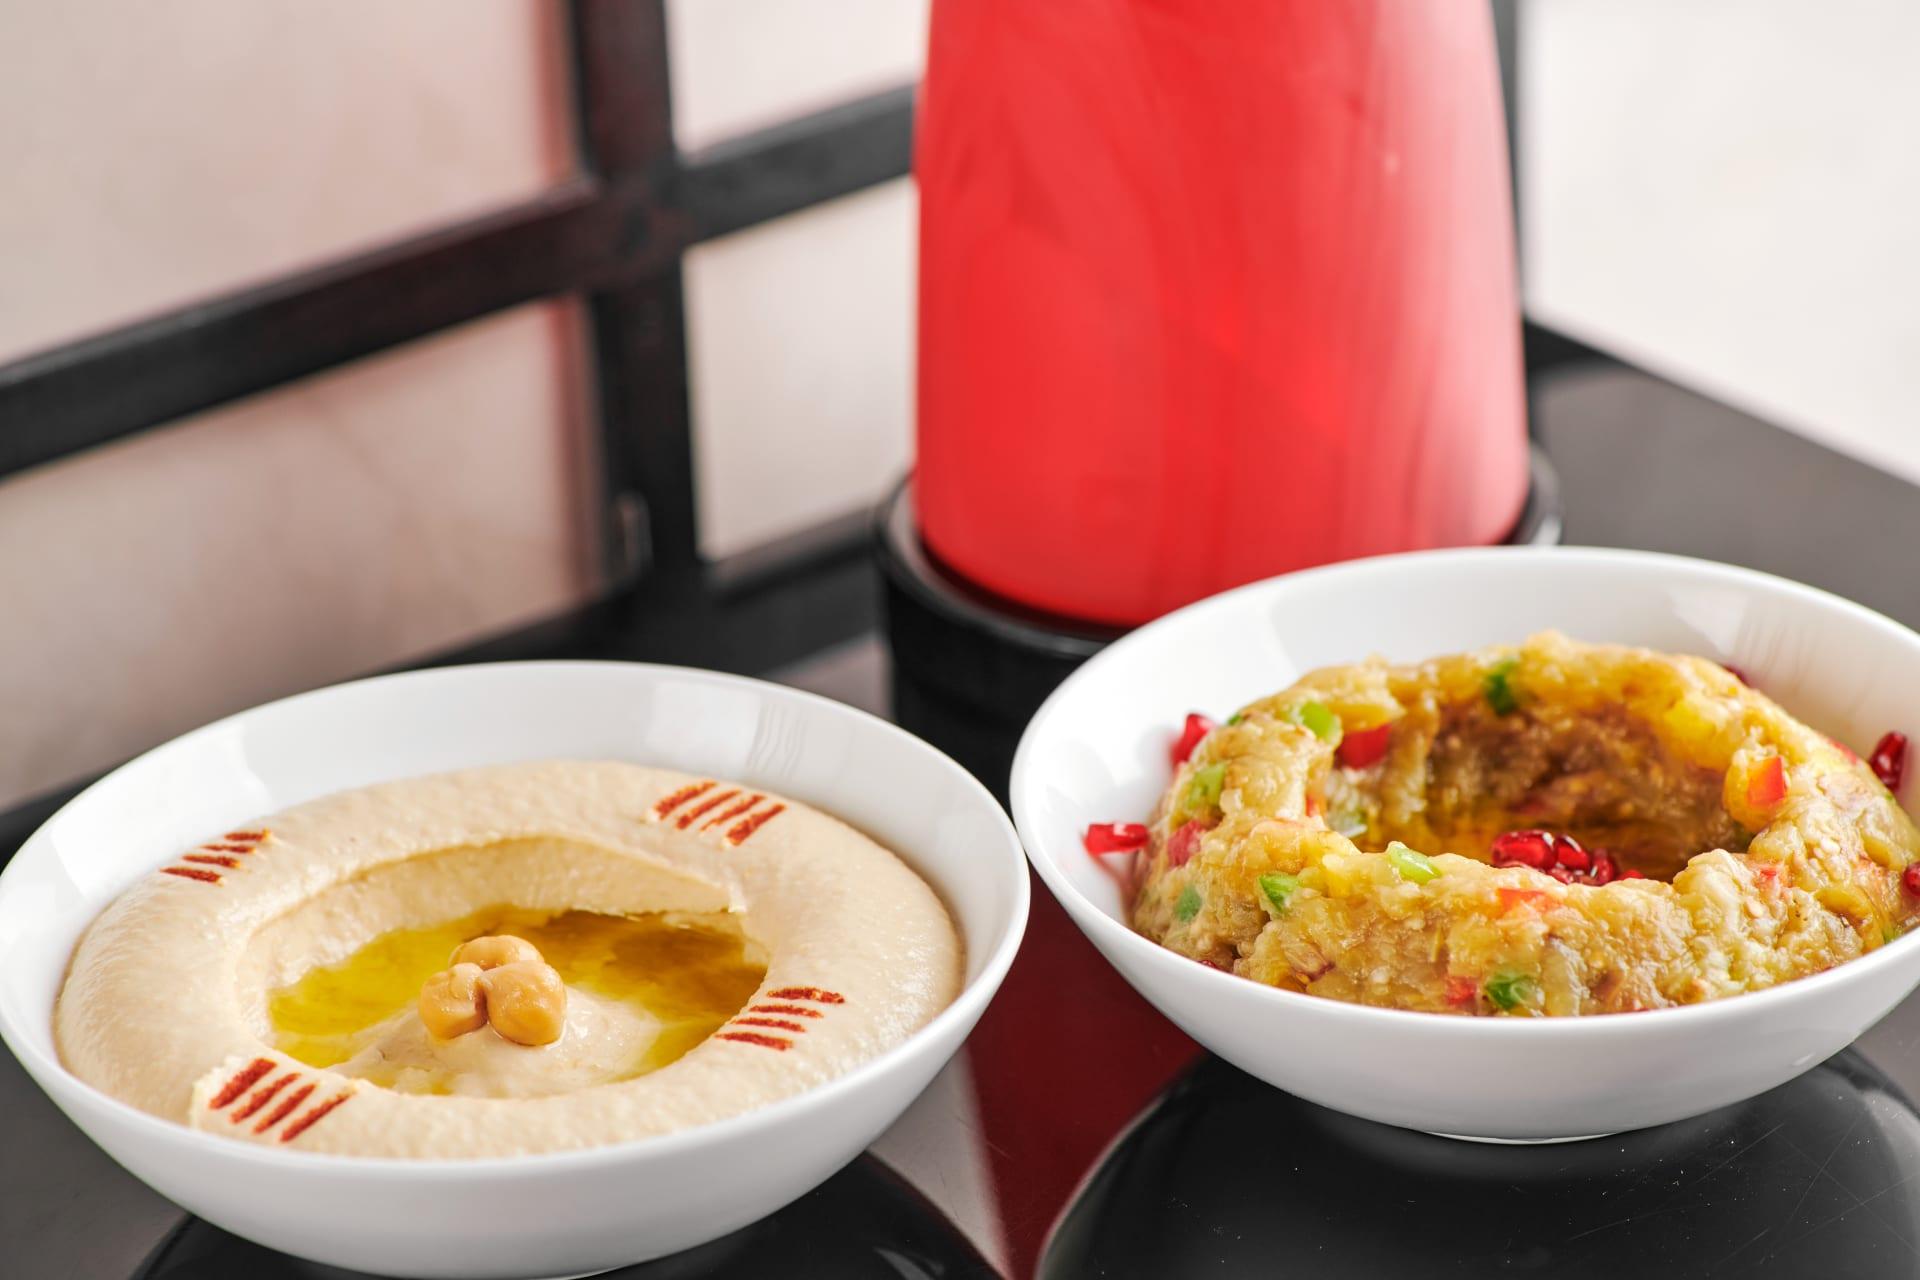 """في برج خليفة بدبي.. ما الذي يقدمه أول مطعم """"كوشر"""" في الإمارات؟"""